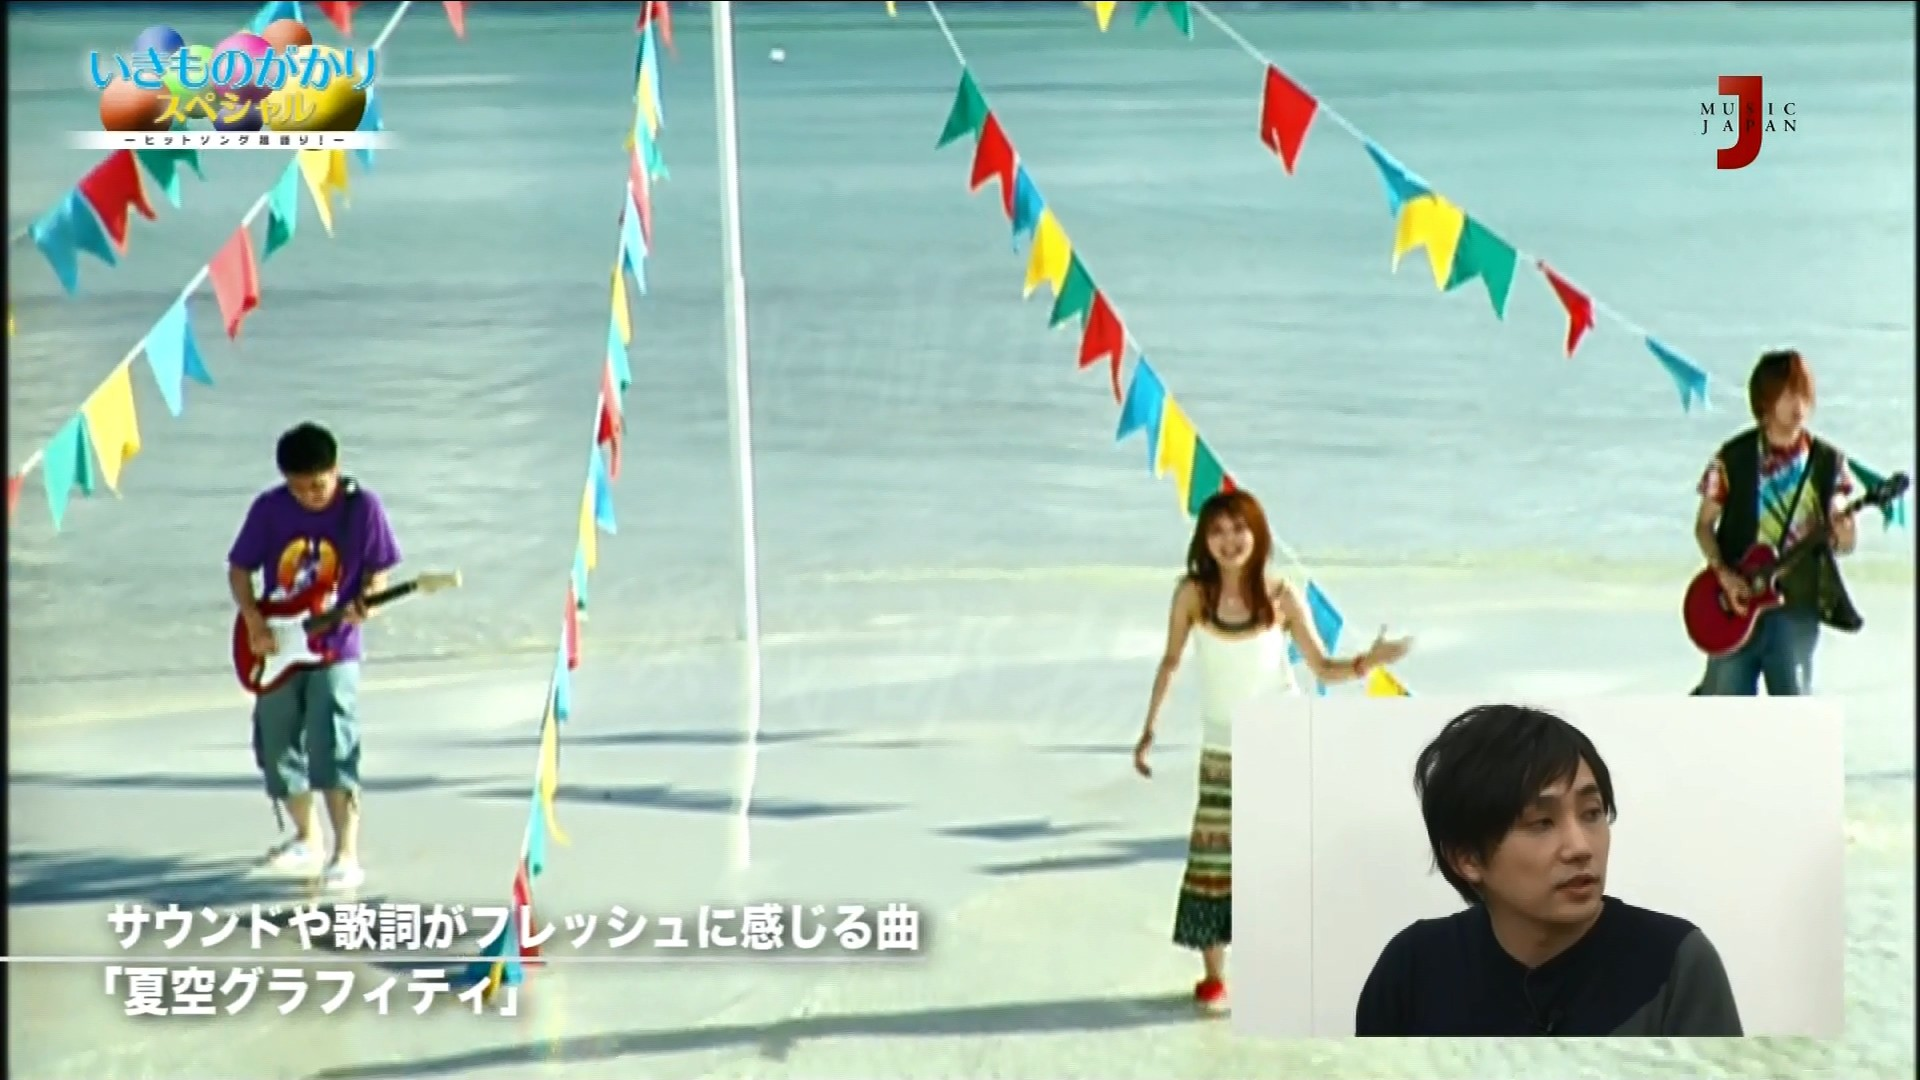 2016.05.07 いきものがかり スペシャル(MJTV).ts_20160507_190701.179